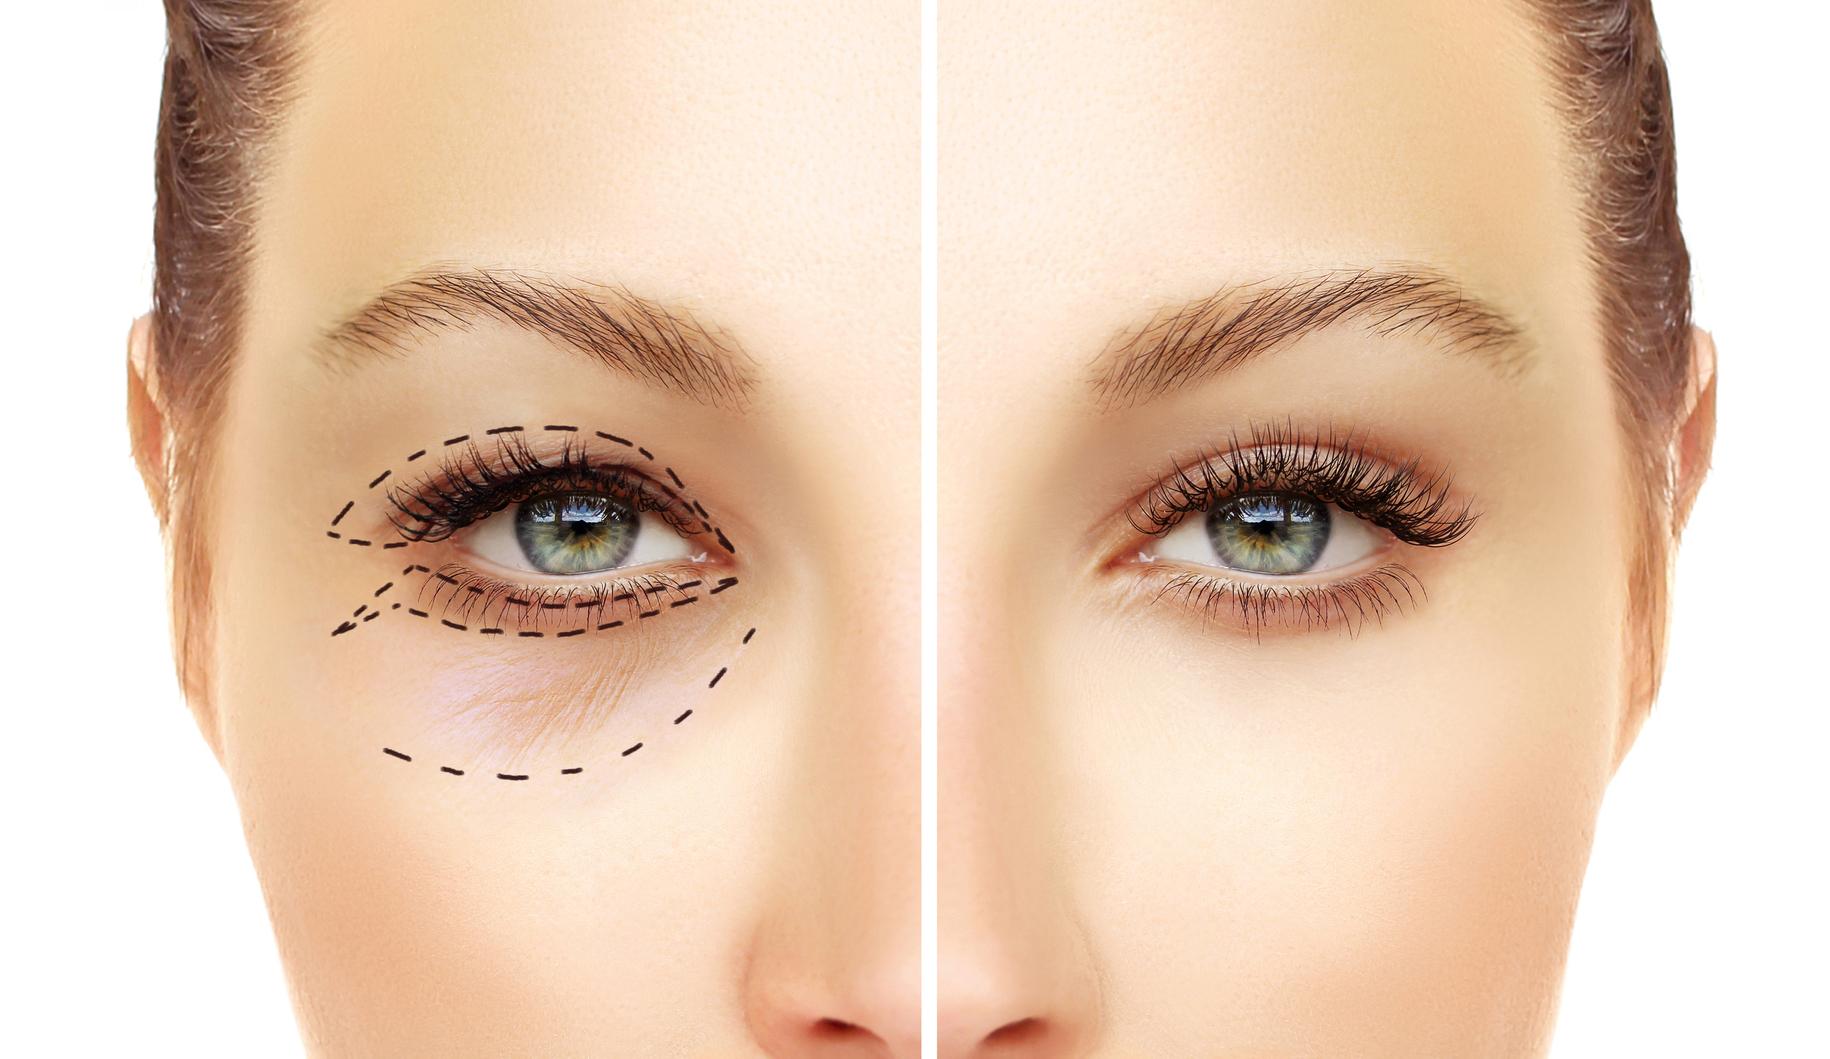 Cắt mí Plasma giúp khắc phục cùng lúc nhiều khuyết điểm trên mắt